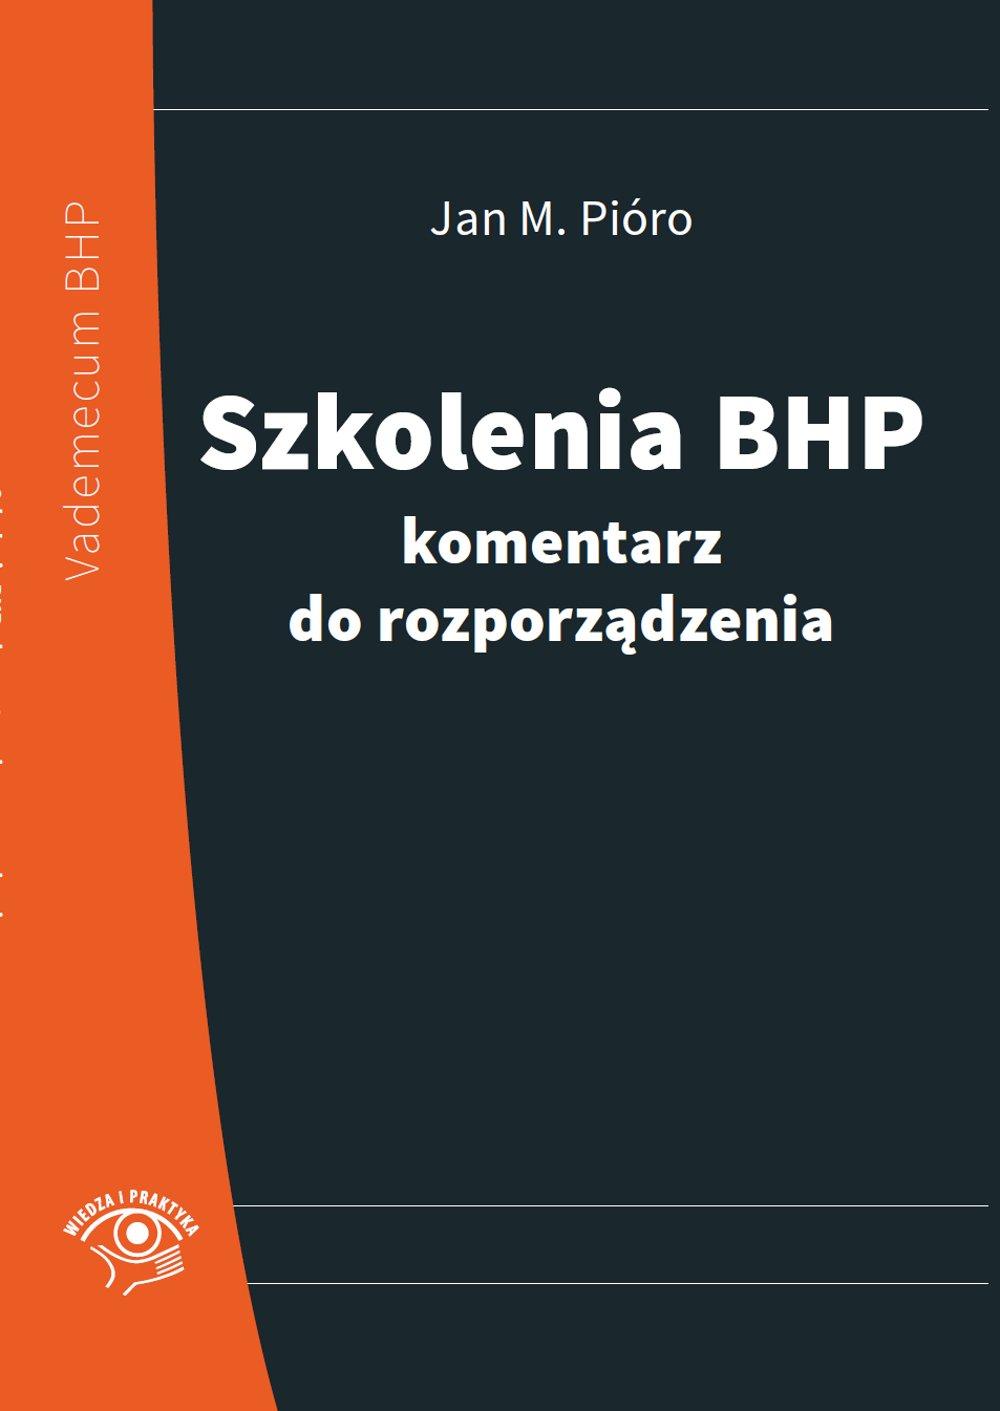 Szkolenia bhp - komentarz do rozporządzenia - Ebook (Książka EPUB) do pobrania w formacie EPUB